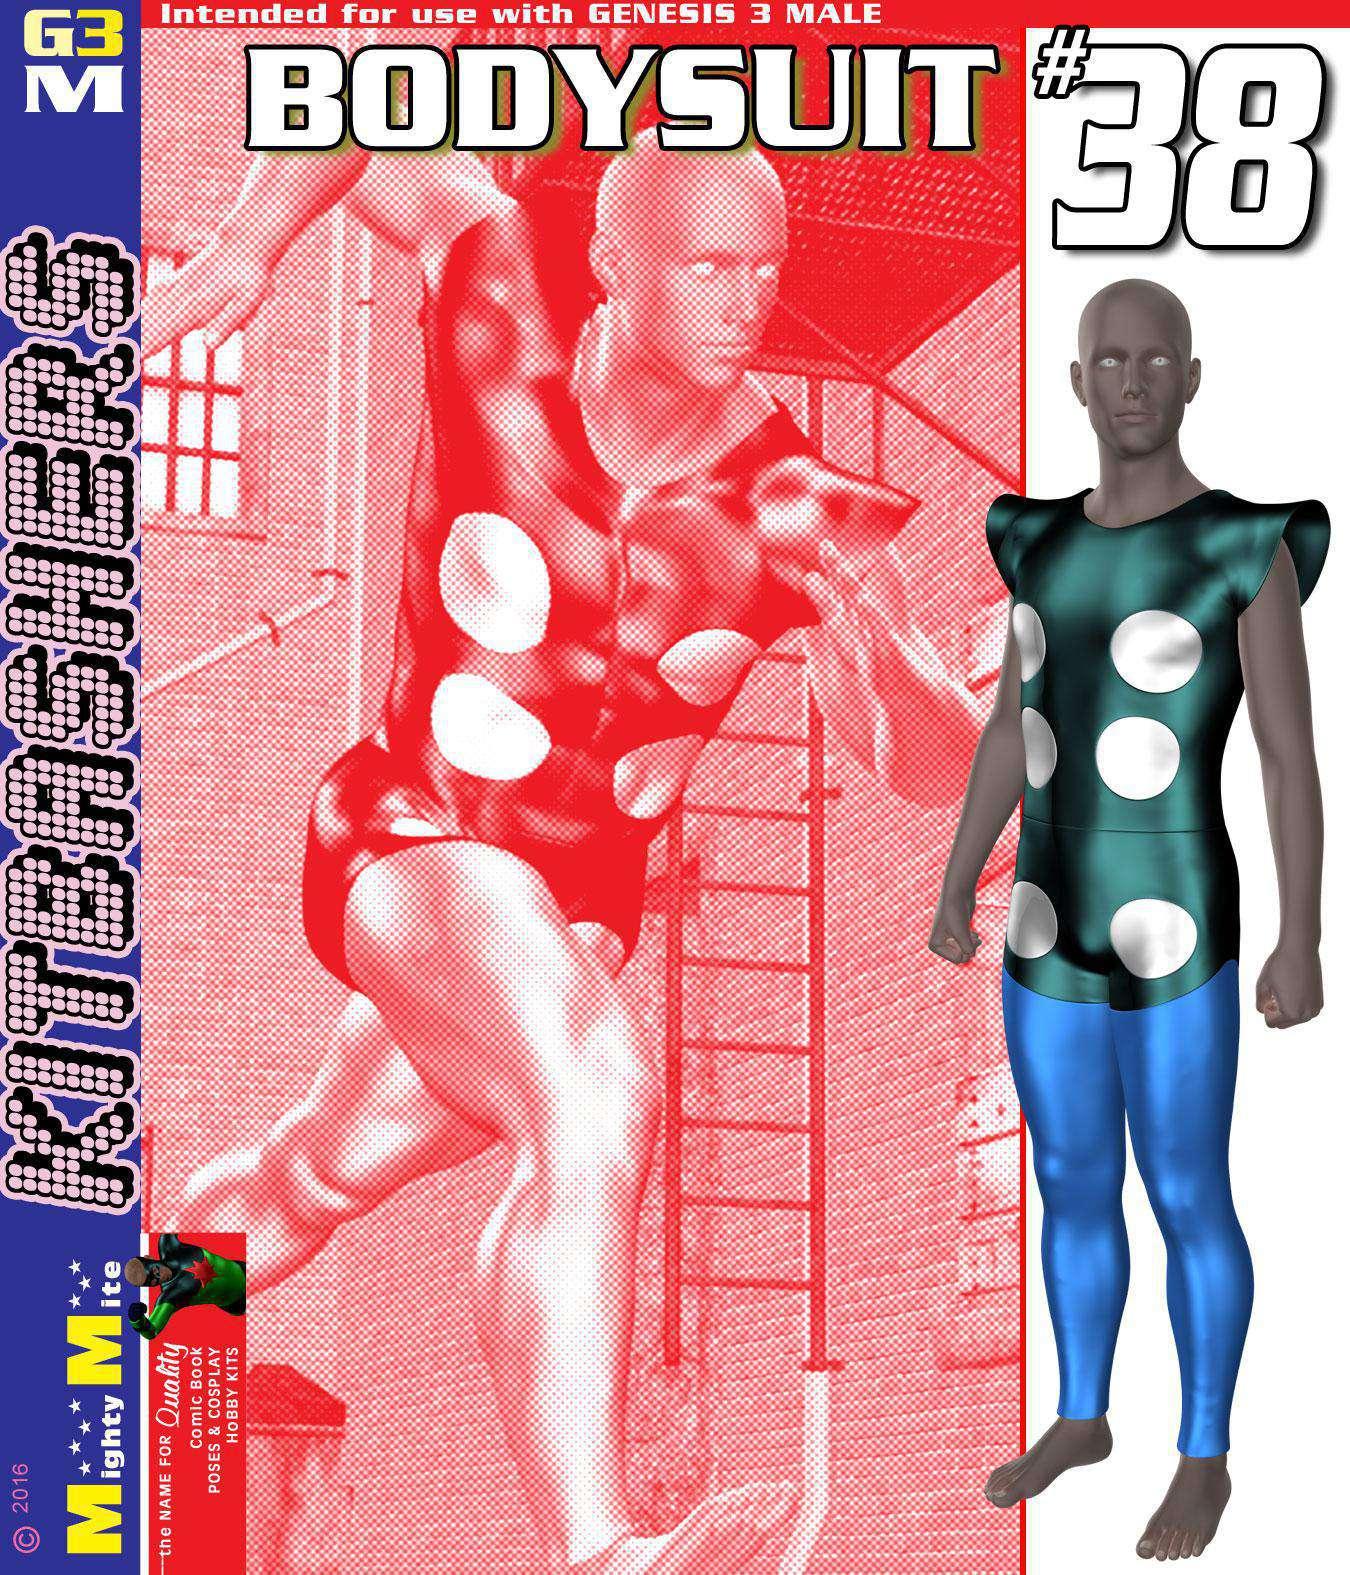 Bodysuit 038 MMKBG3M_DAZ3D下载站